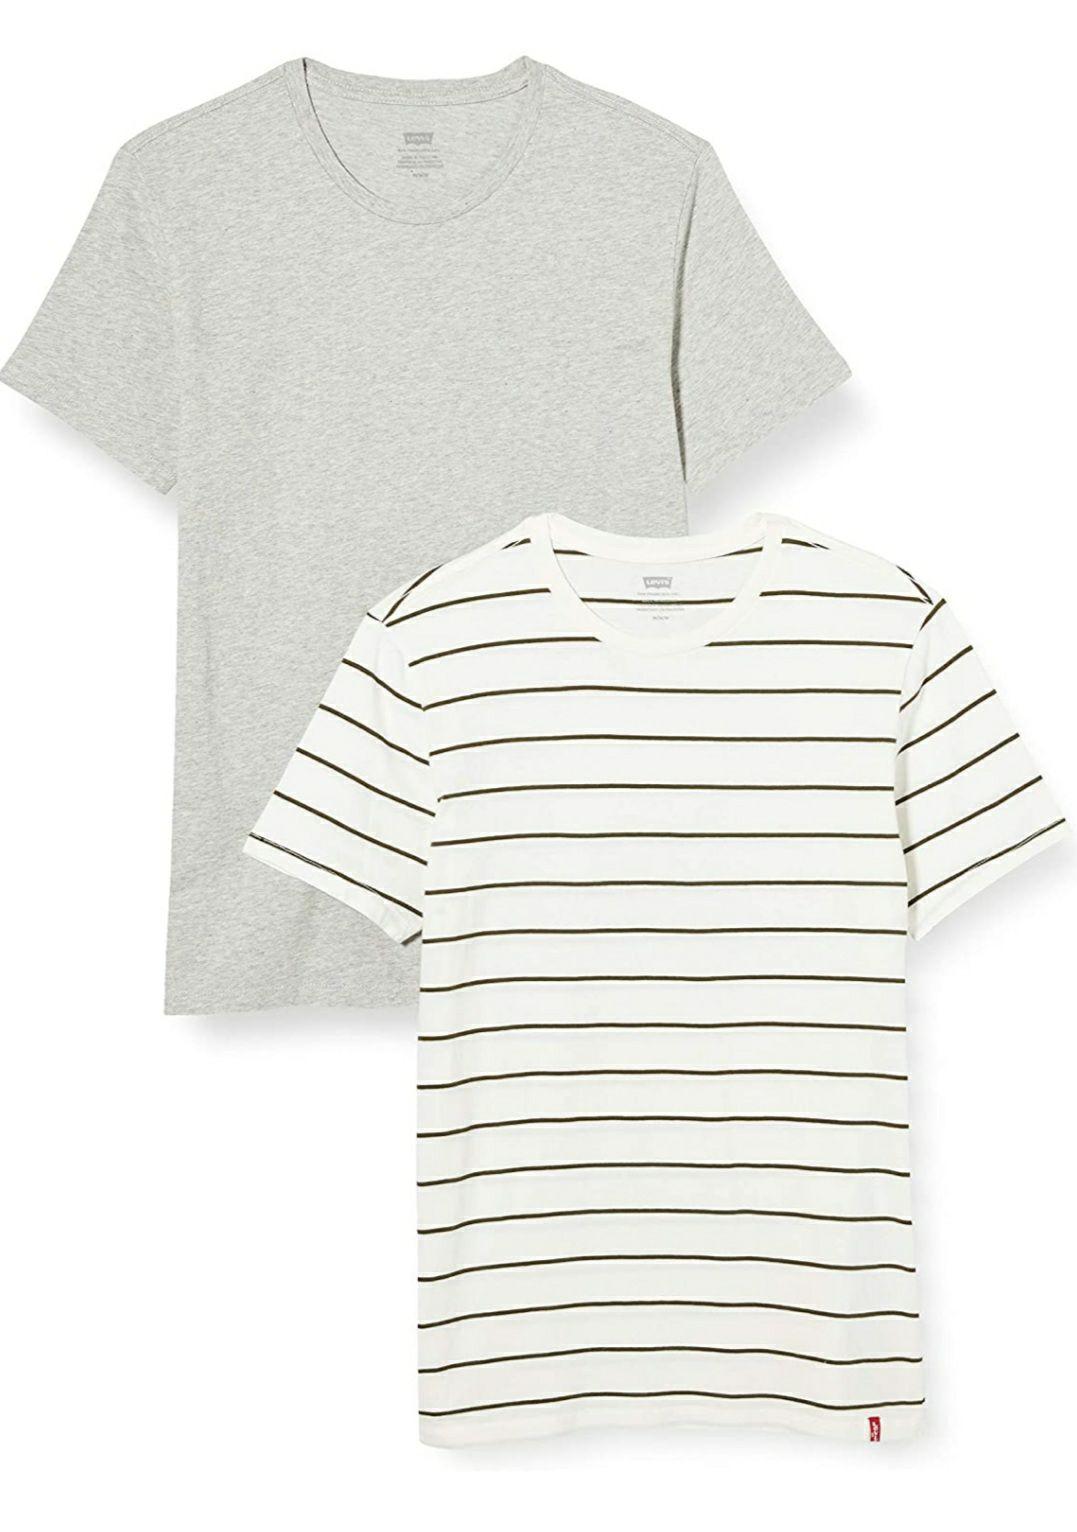 2 pack T-shirts van Levis - gratis verzending icm Prime